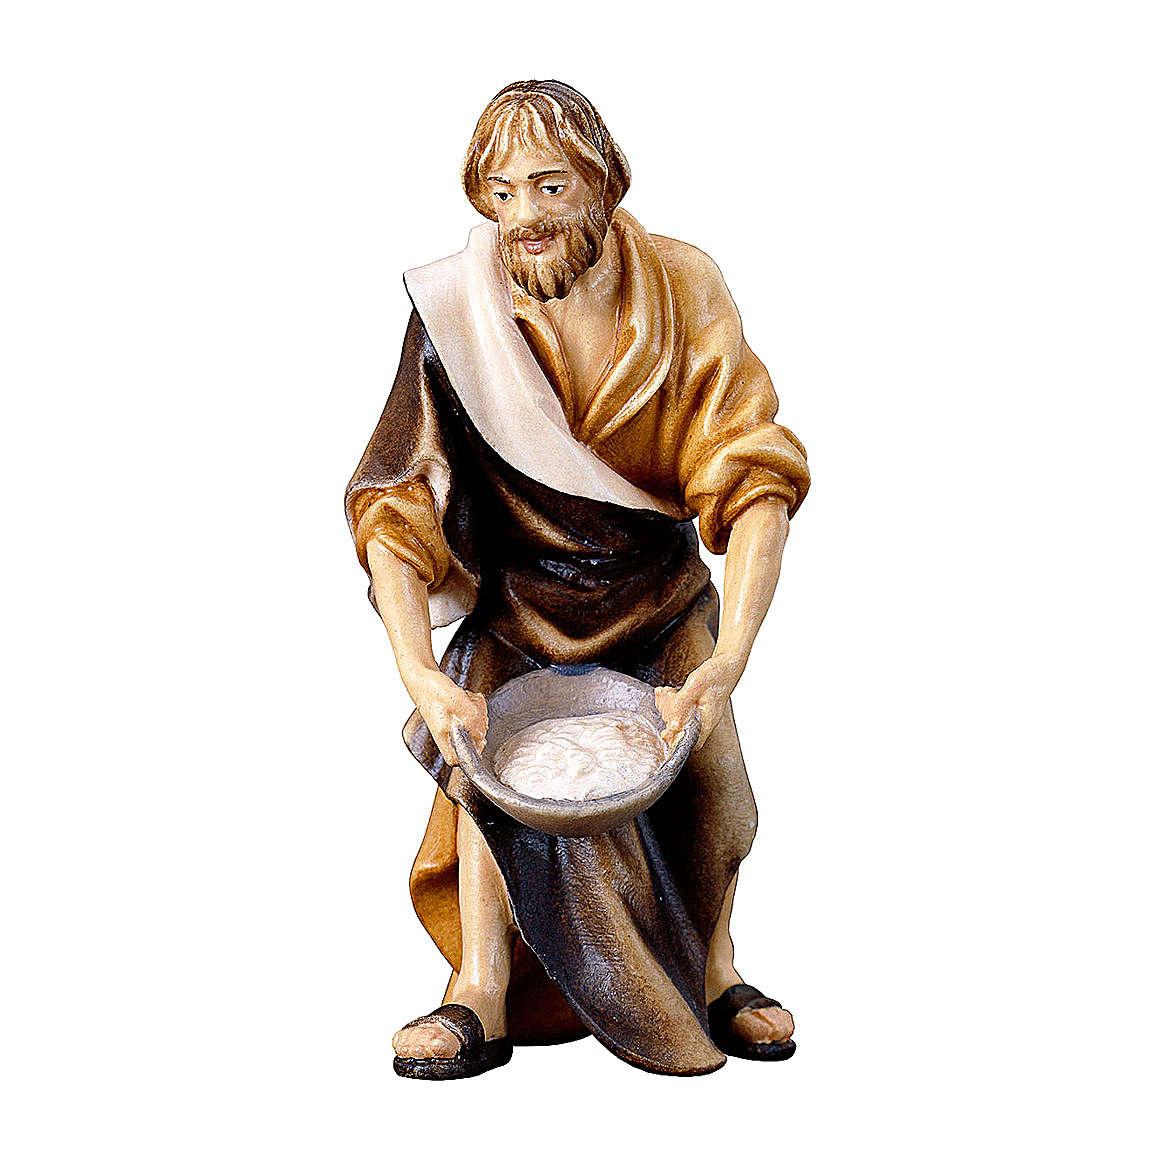 Pastore con sale presepe Original legno dipinto Valgardena 12 cm 4